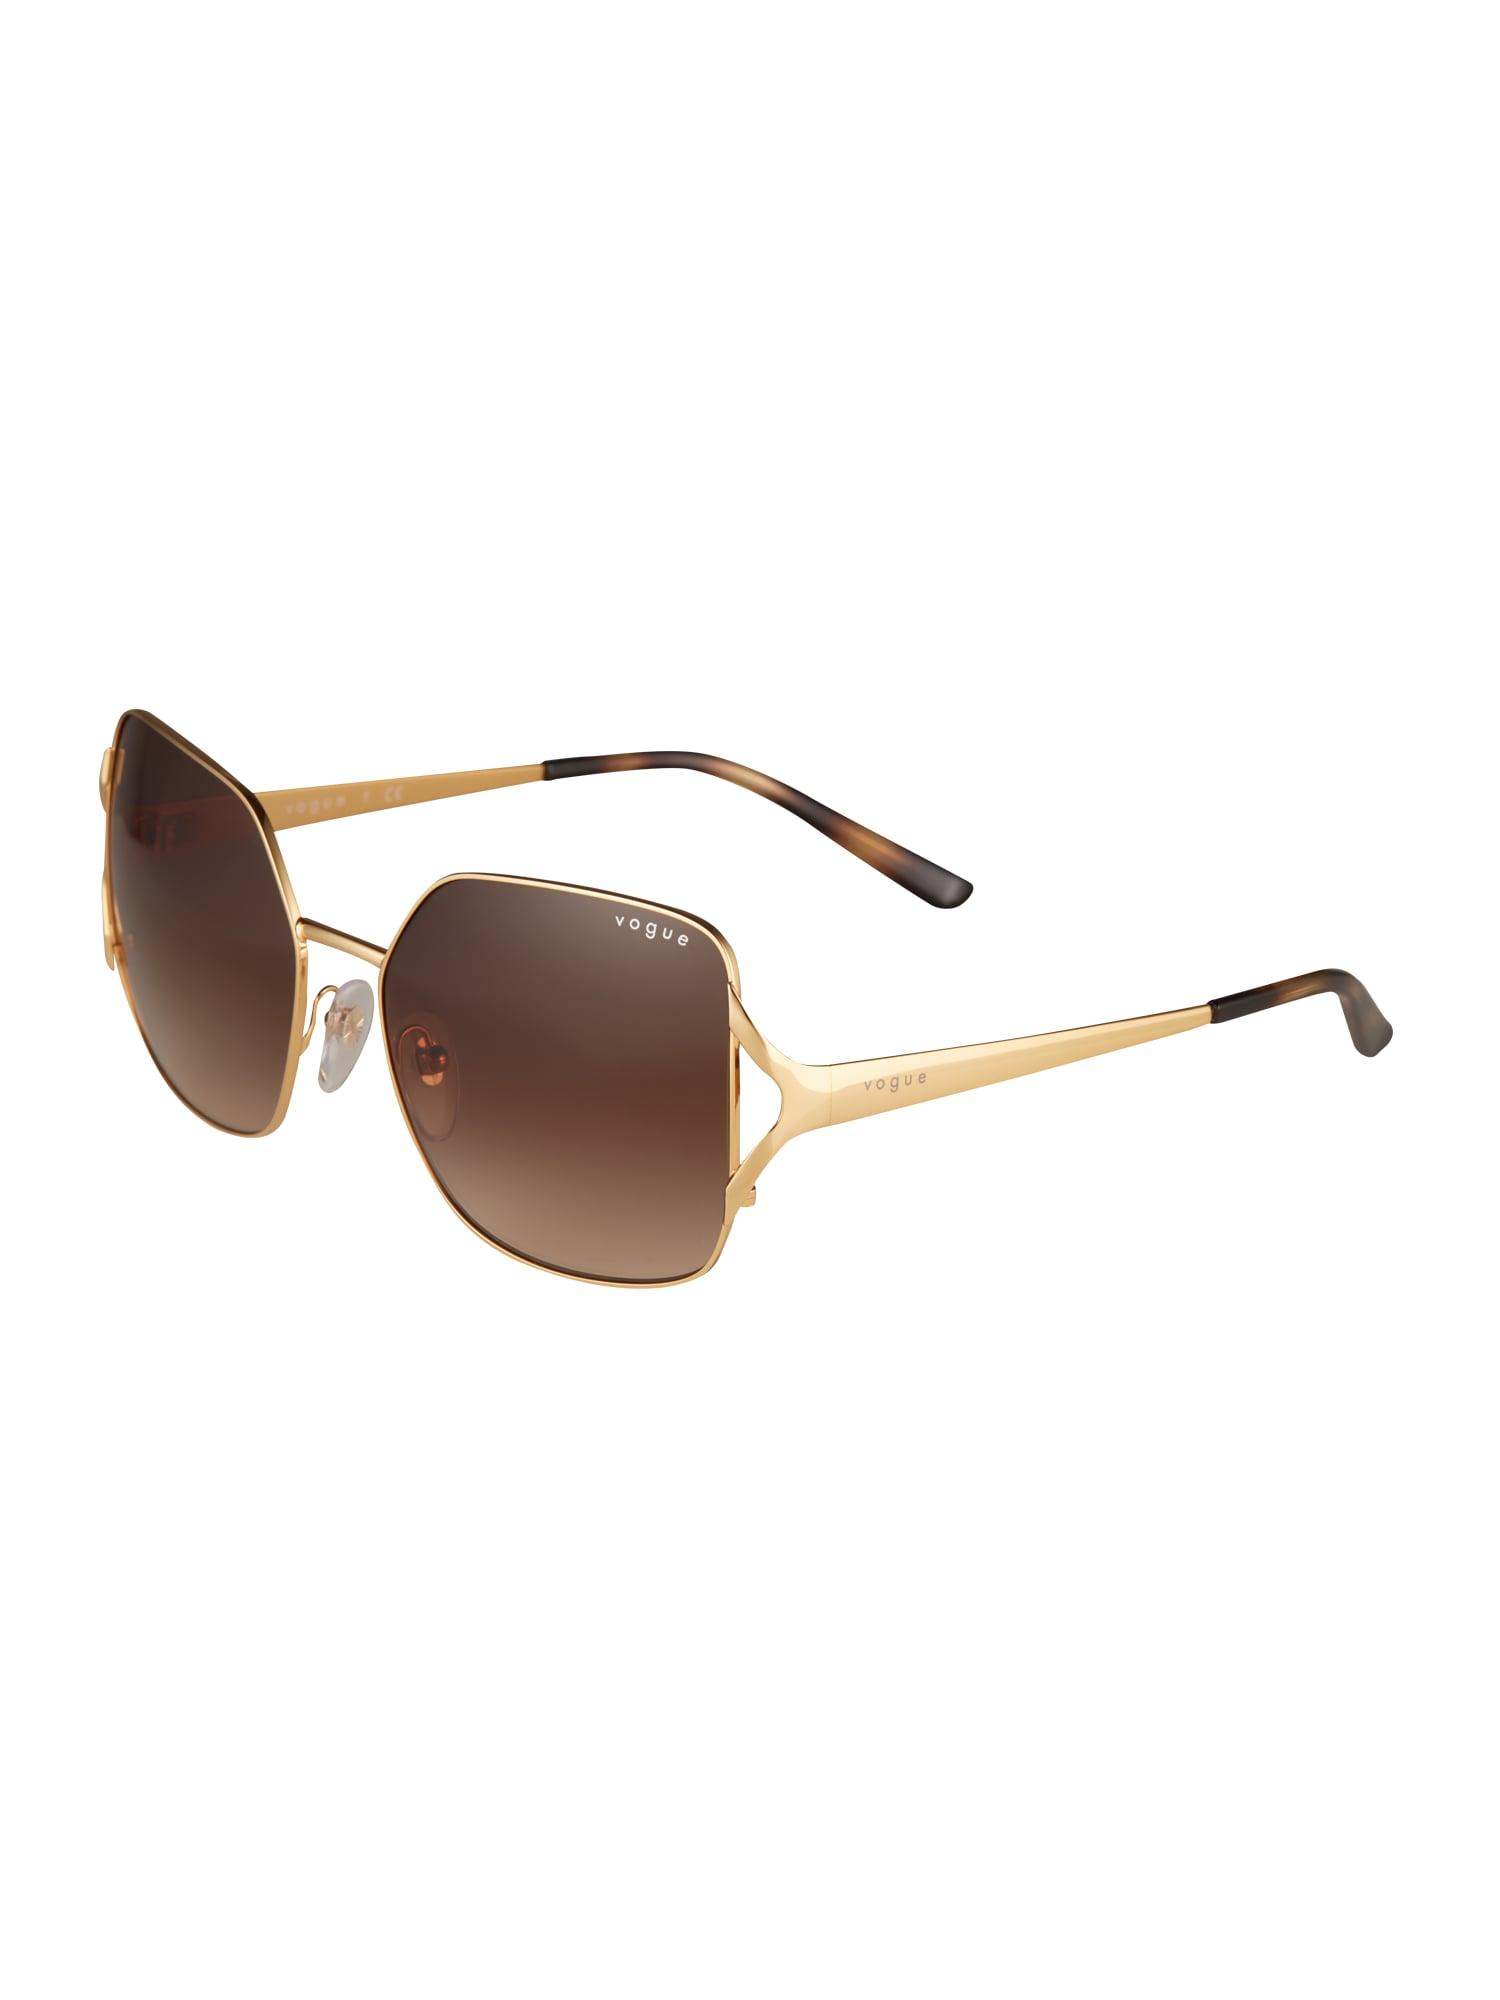 VOGUE Eyewear Akiniai nuo saulės auksas / ruda